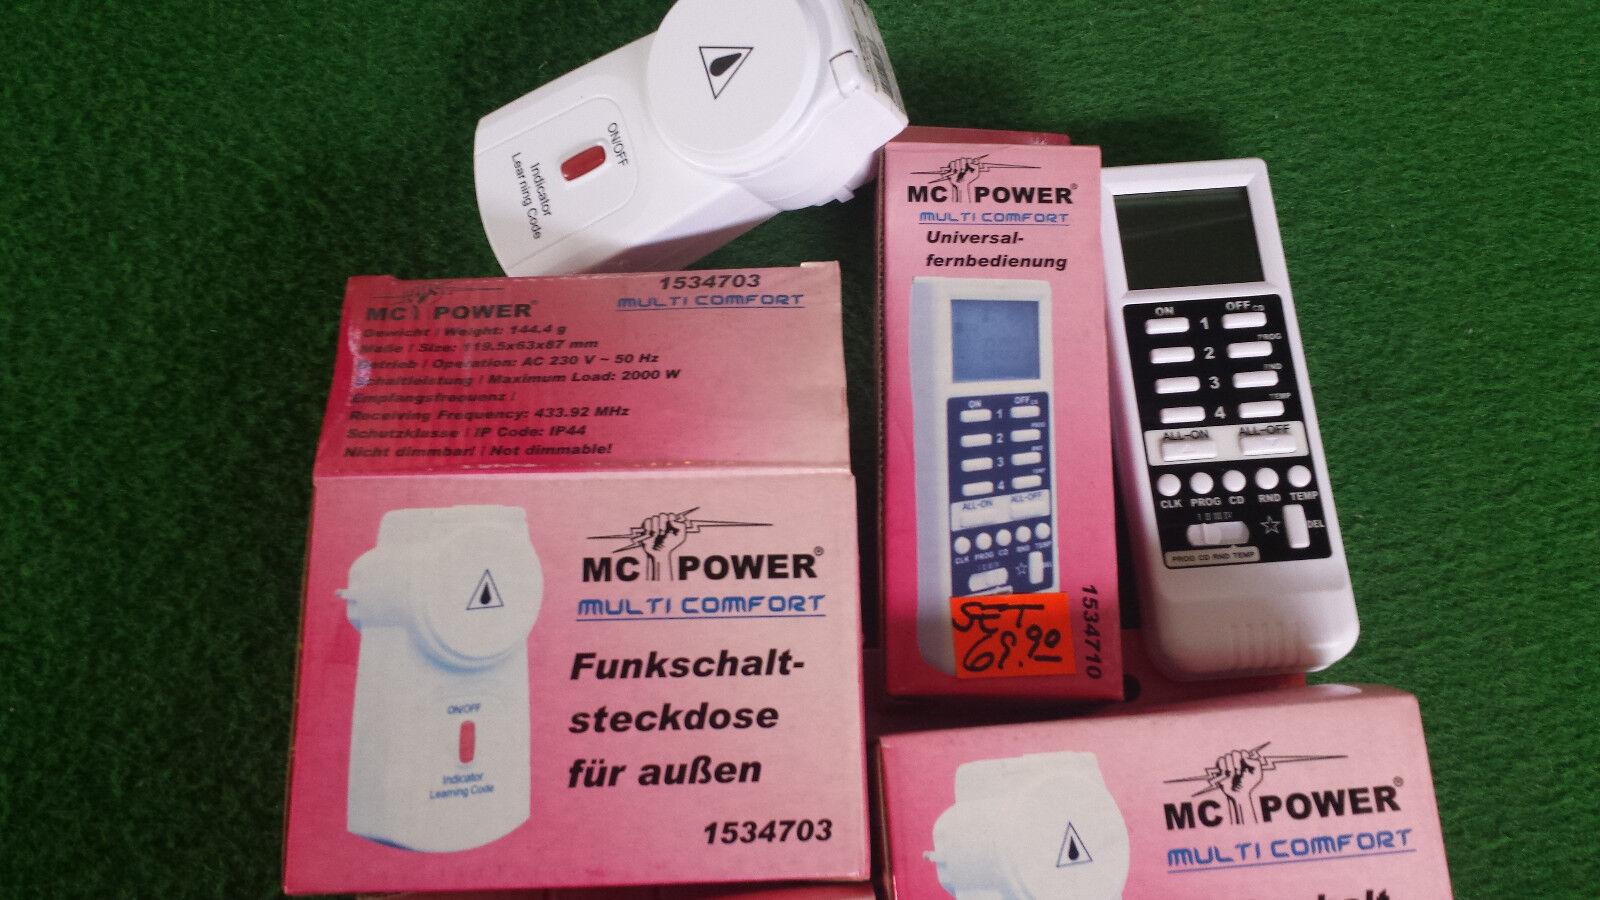 prezzi equi IMPERMEABILE ESTERNO Radio Interruttore a distanza con con con 3 prese Multi-Comfort per 2000 Watt  grande vendita